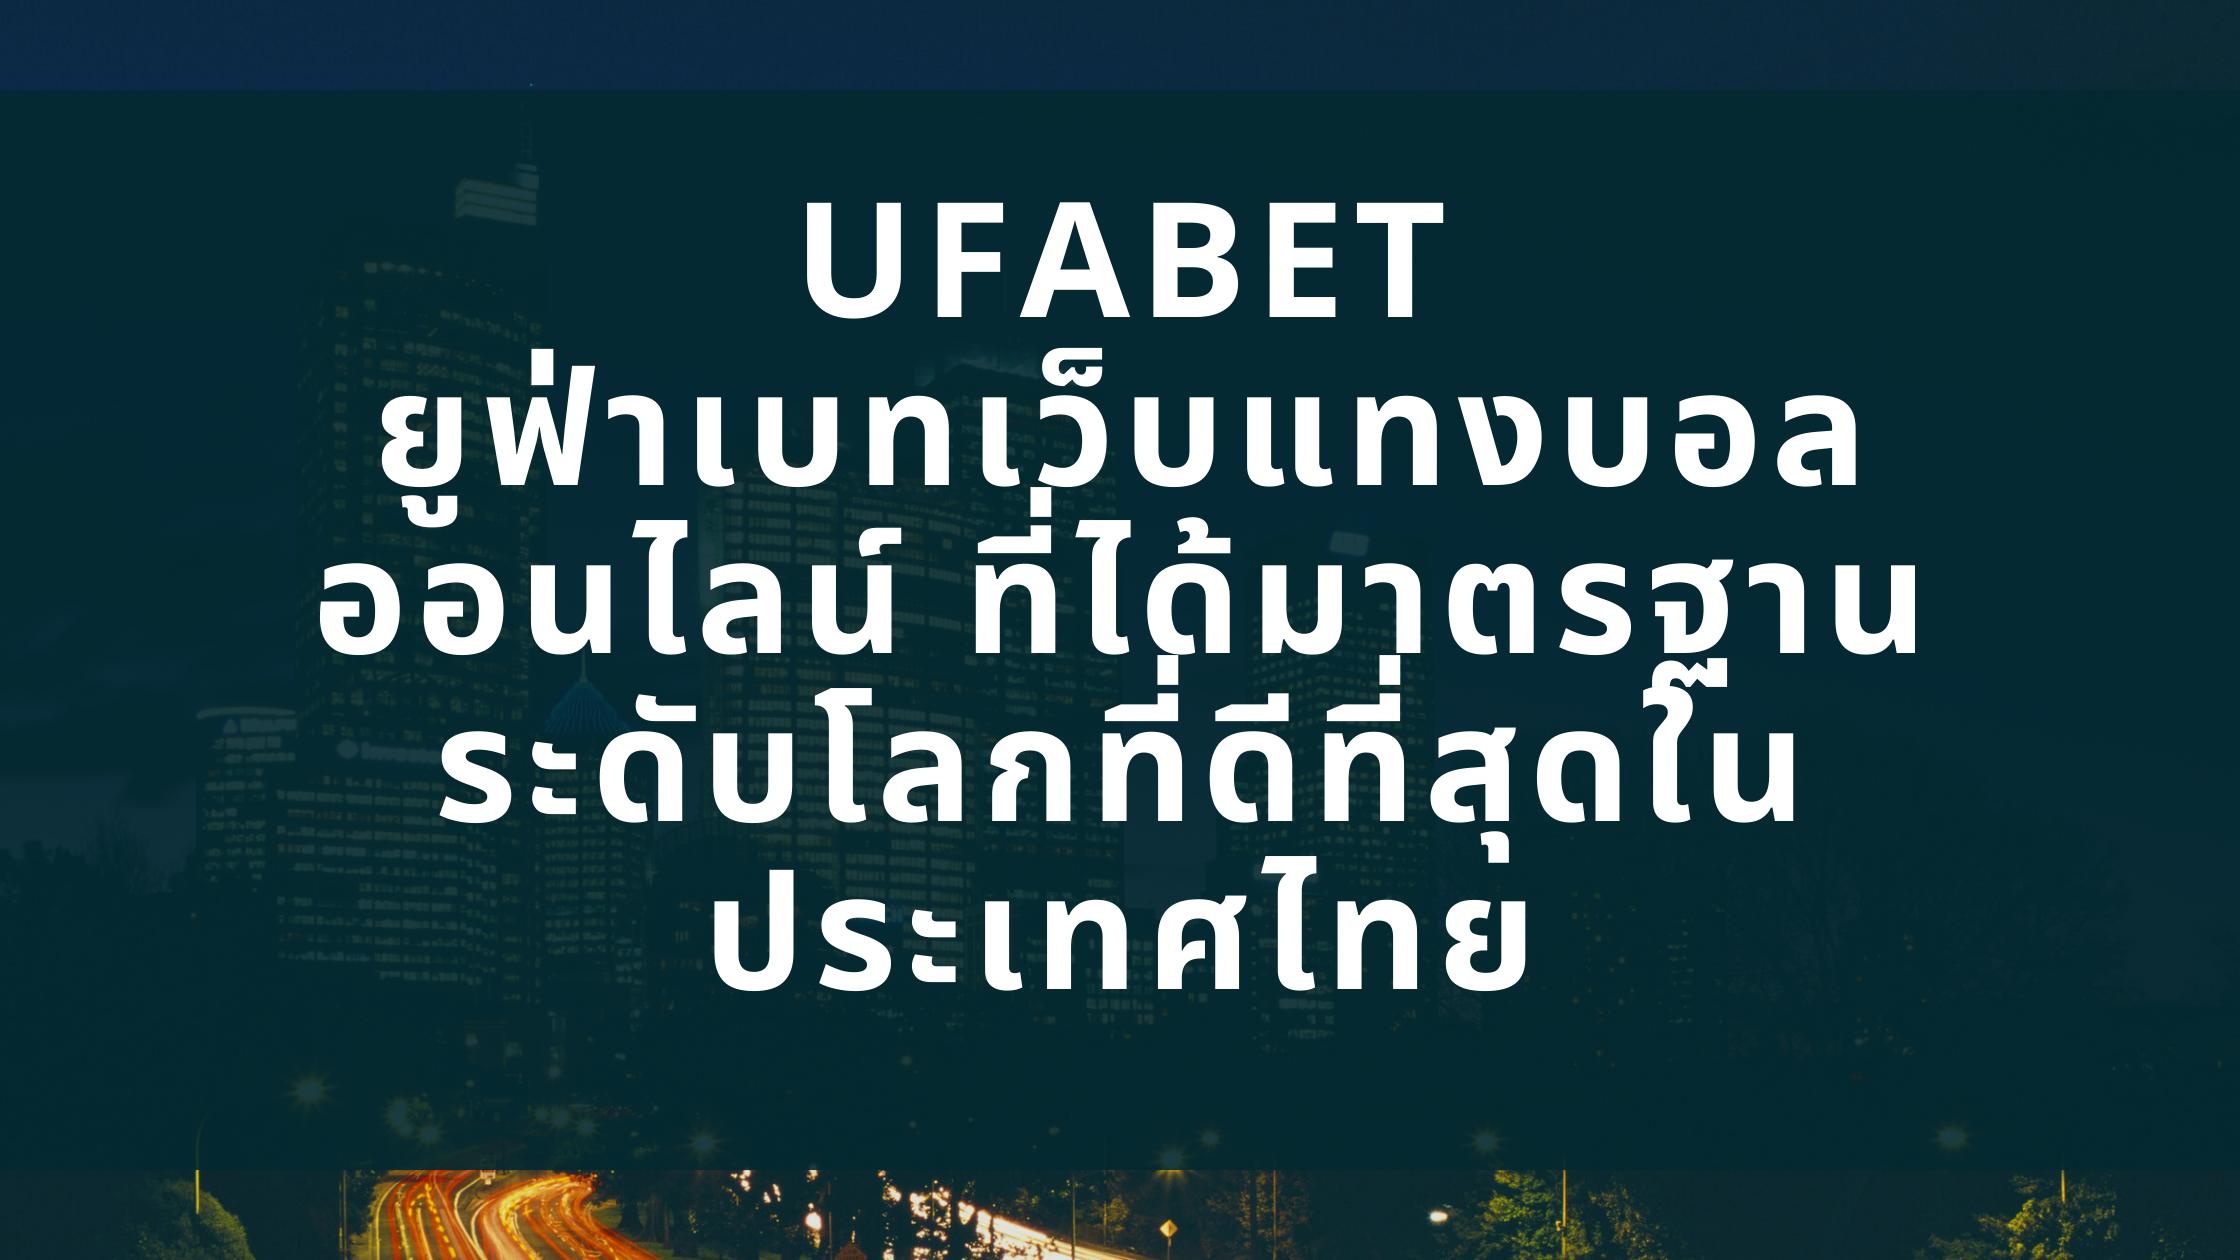 UFABET ยูฟ่าเบทเว็บแทงบอลออนไลน์ ที่ได้มาตรฐานระดับโลกที่ดีที่สุดในประเทศไทย